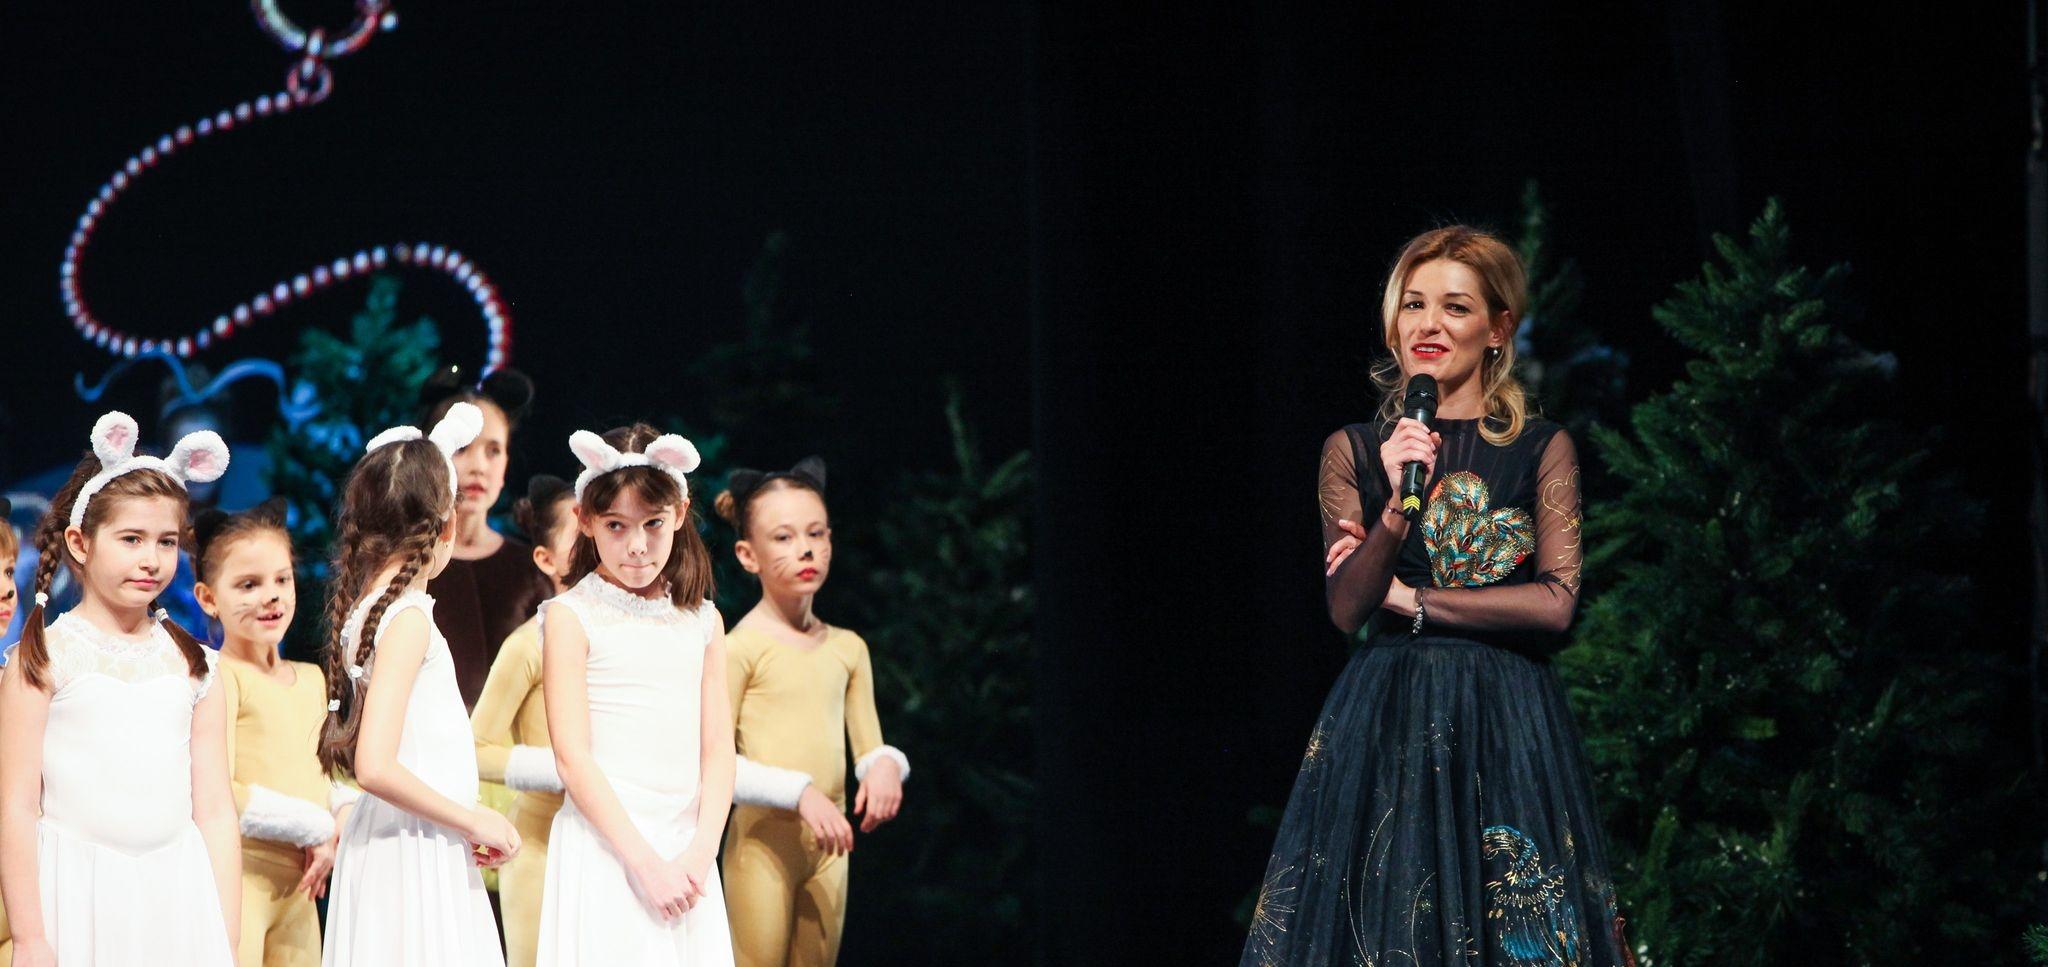 Ballet Art rămâne academia elitelor chiar și în condițiile vitrege adaptate la COVID-19!